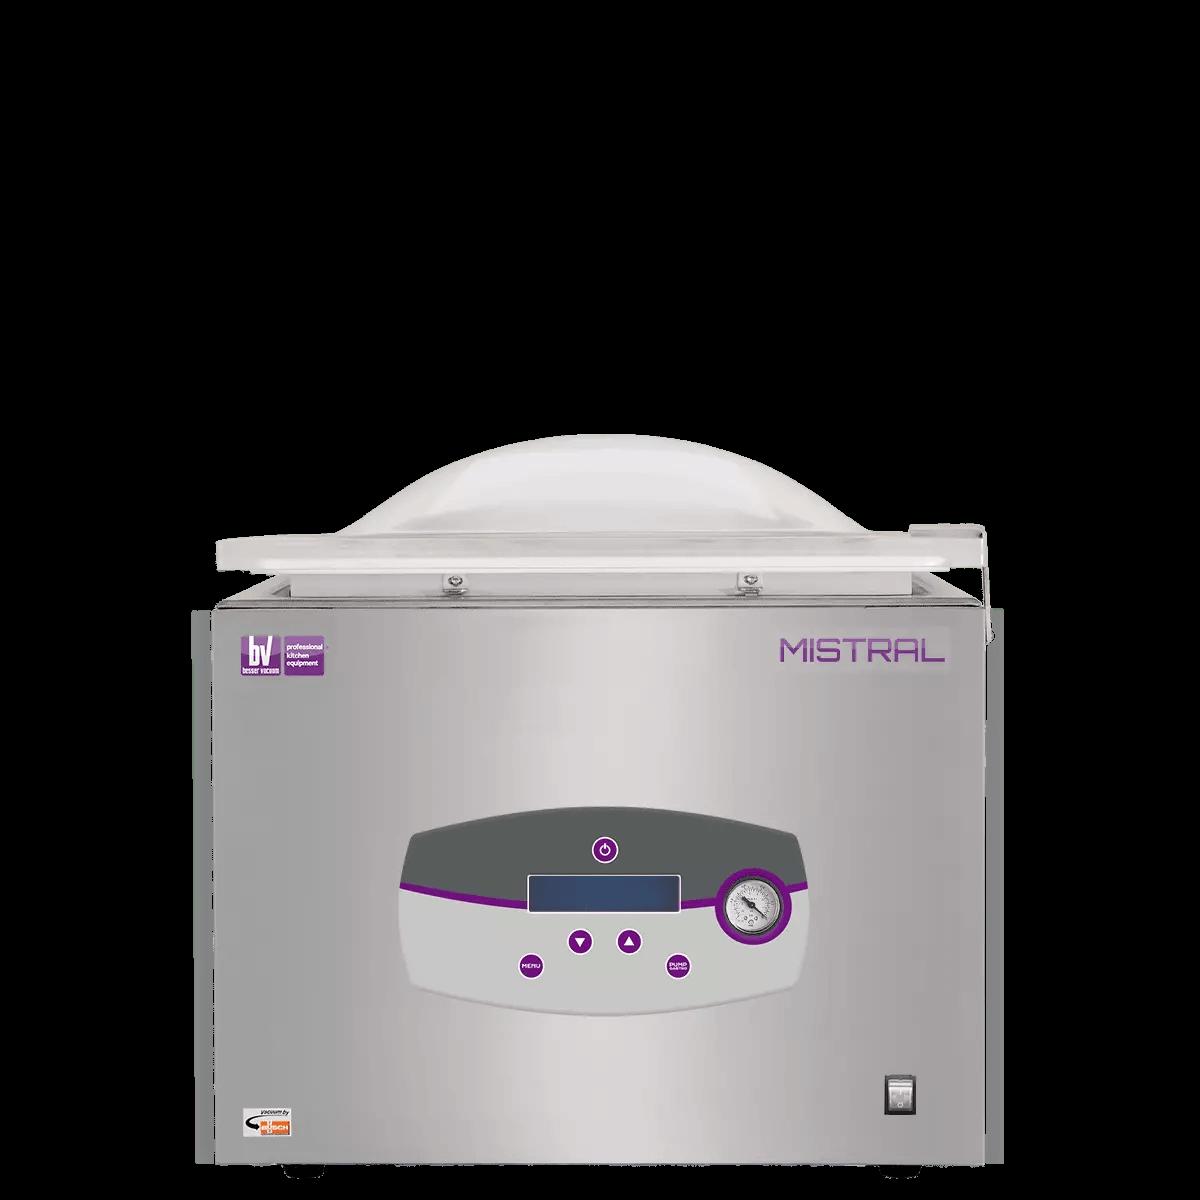 Mistral chambered vacuum packing machine